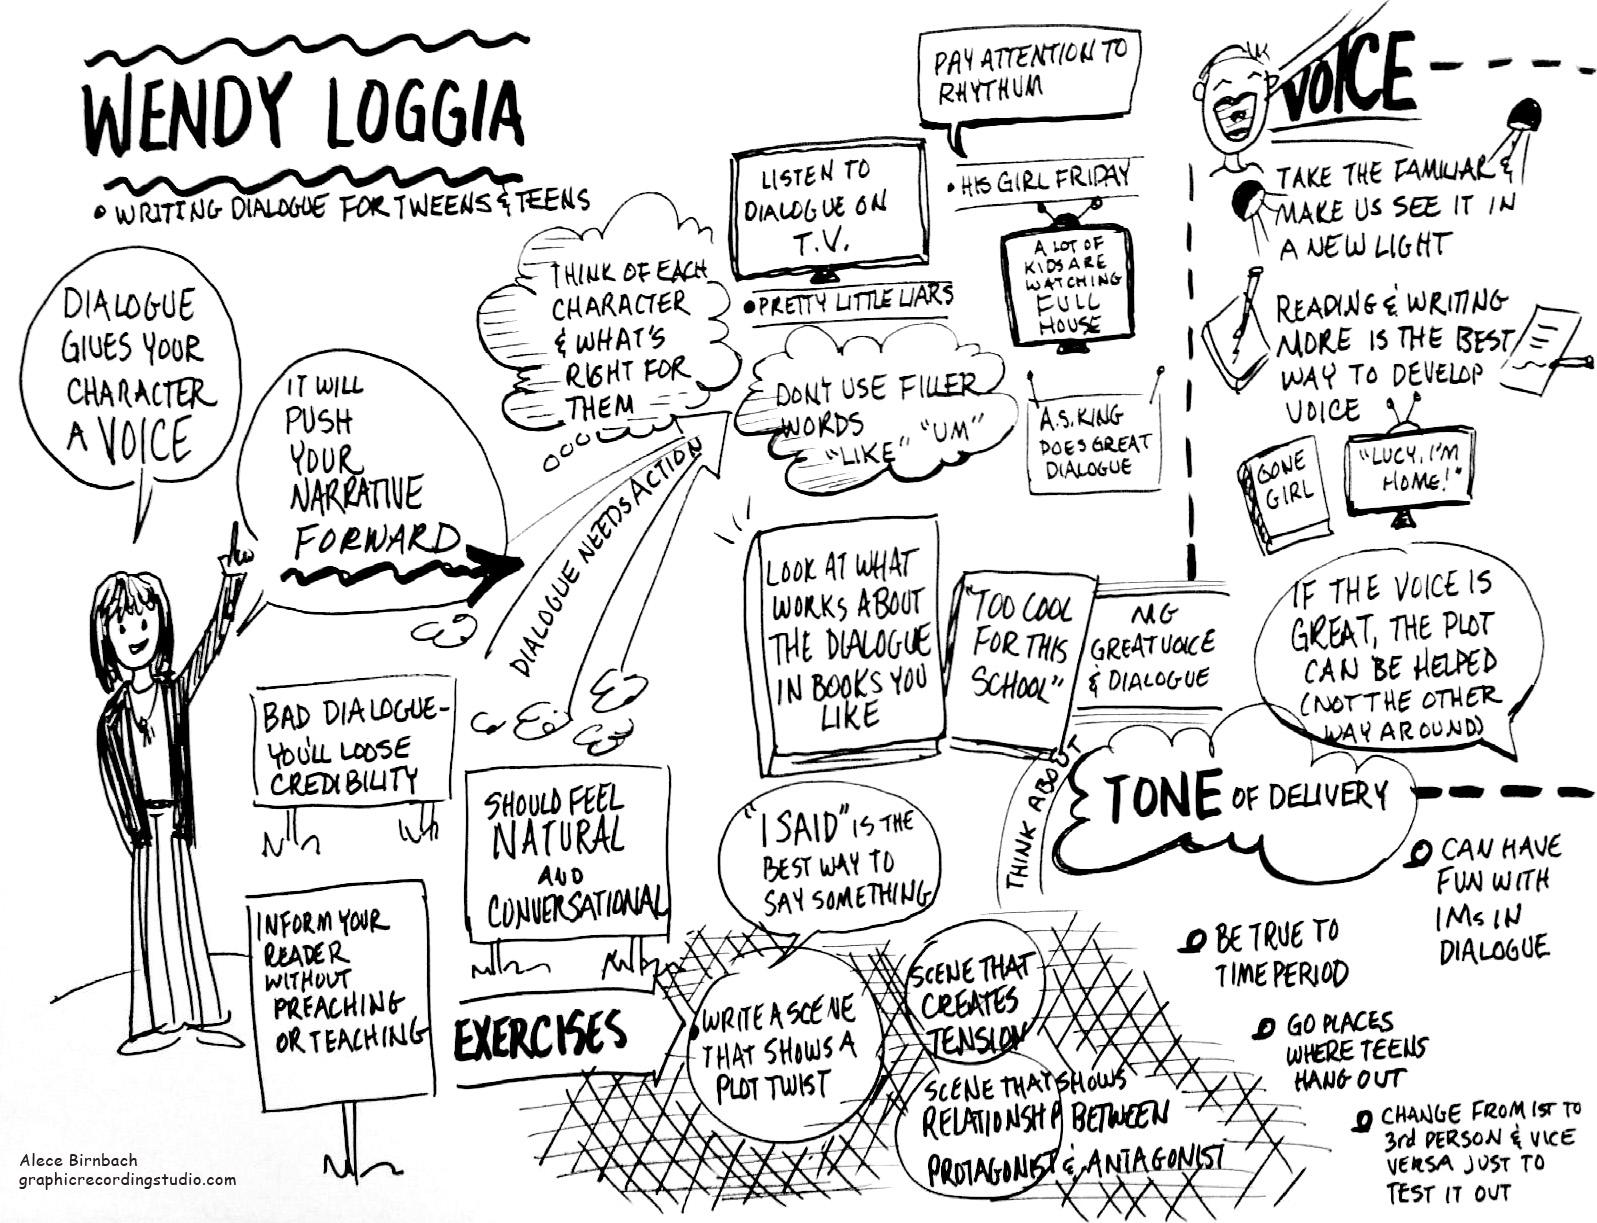 WendyLoggia.jpg